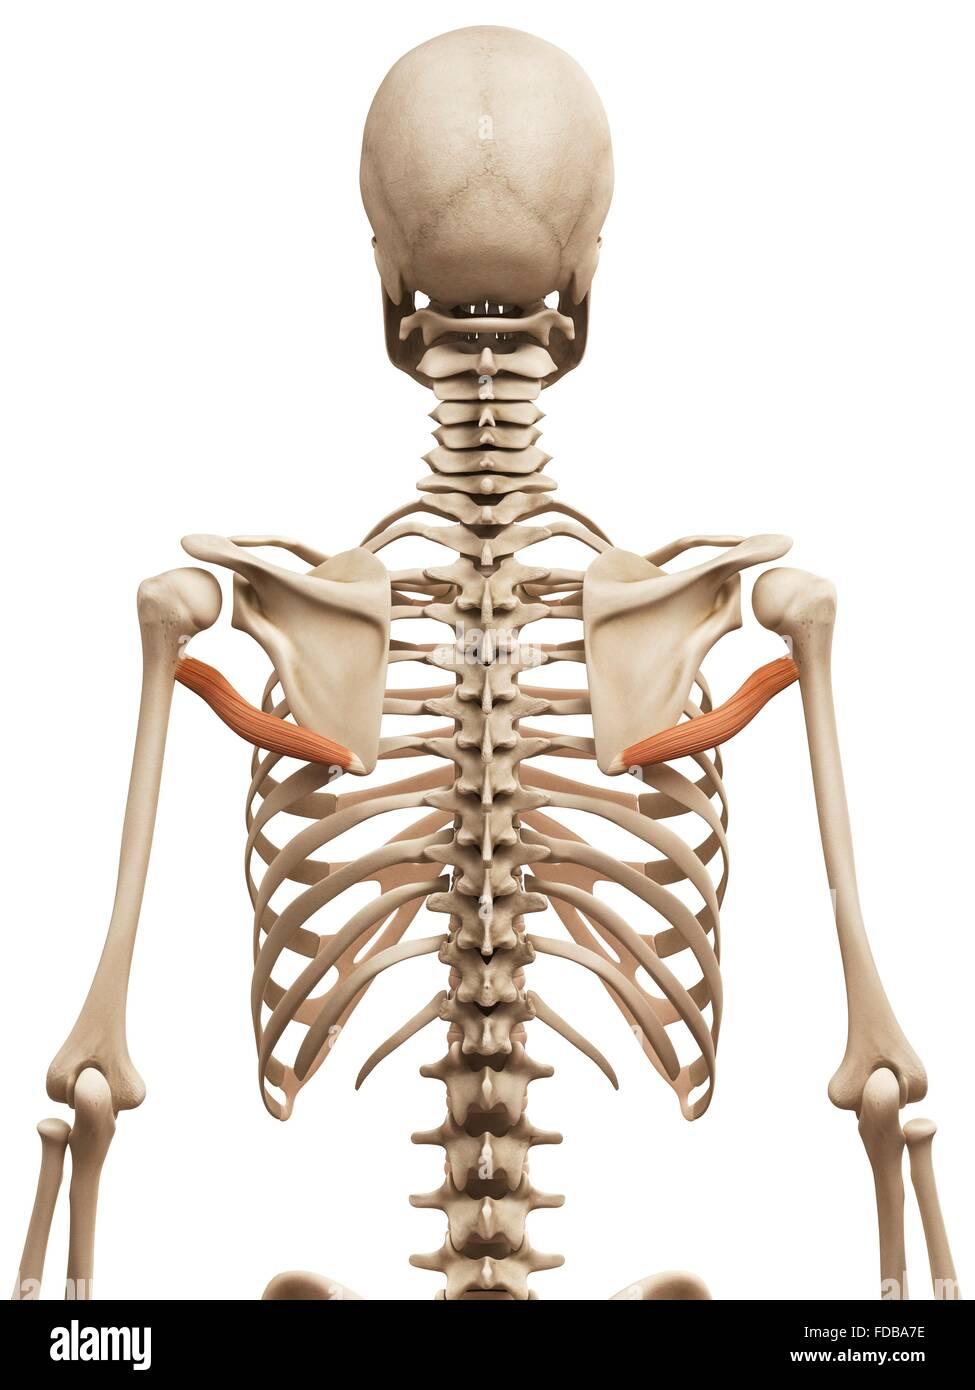 Fantástico Los Músculos Del Hombro Imágenes - Imágenes de Anatomía ...